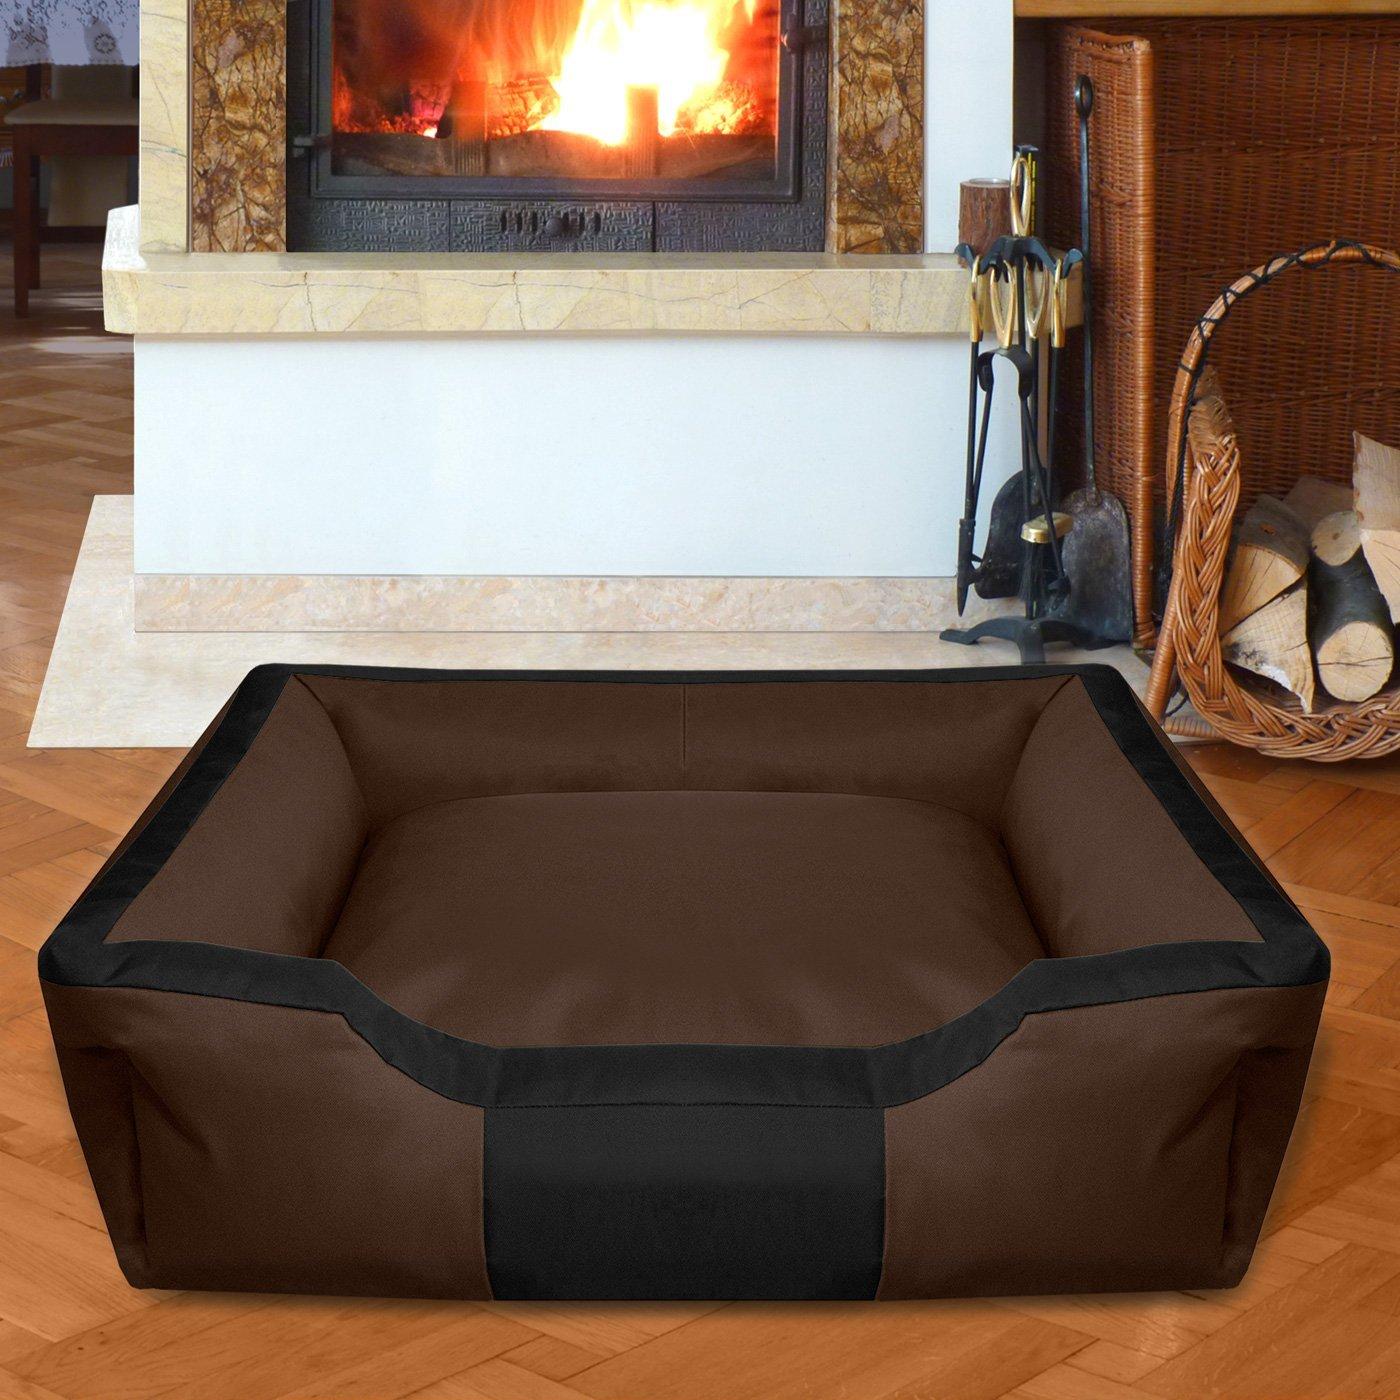 beddog hundebetten edles design testsieger uvm. Black Bedroom Furniture Sets. Home Design Ideas